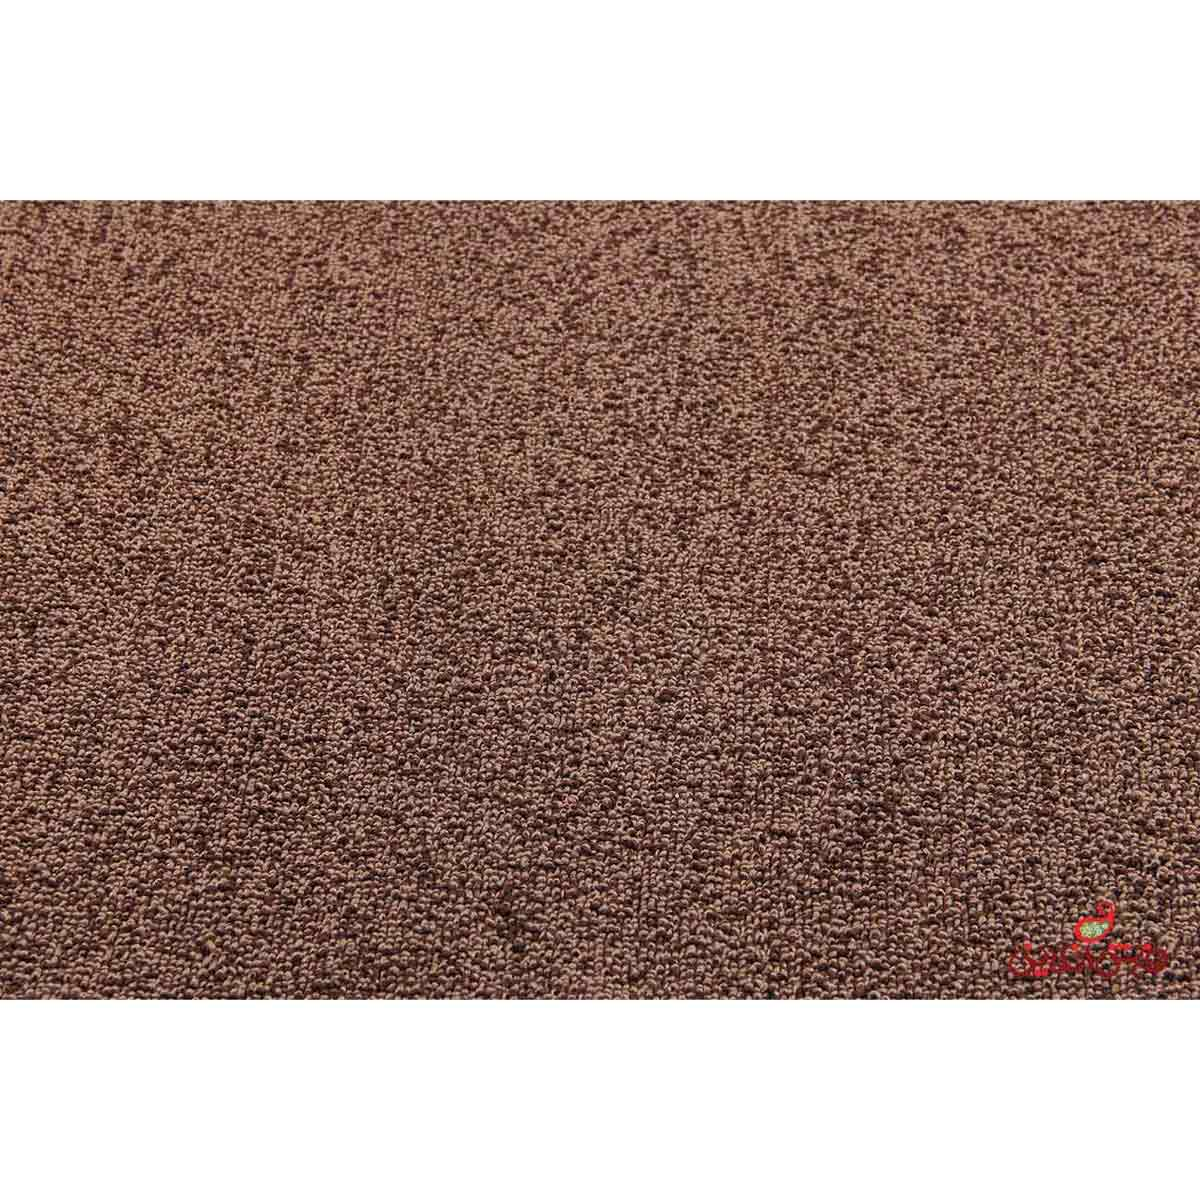 موکت ظریف مصور کد 7031 طرح رها قهوه ای